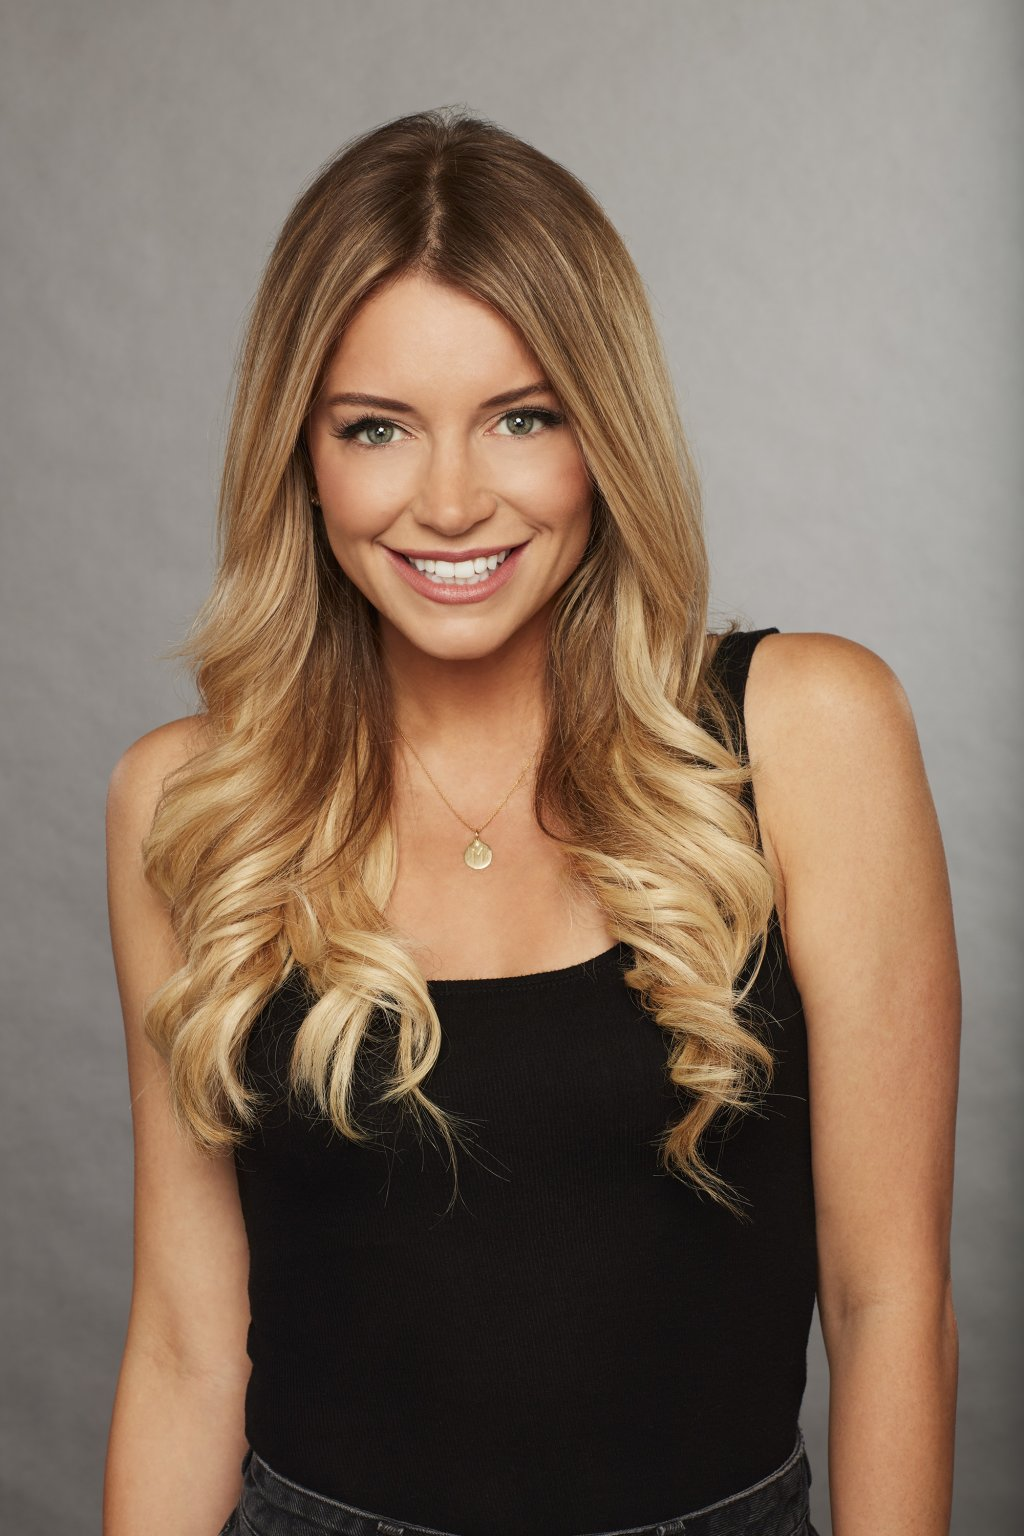 Lauren Schleyer